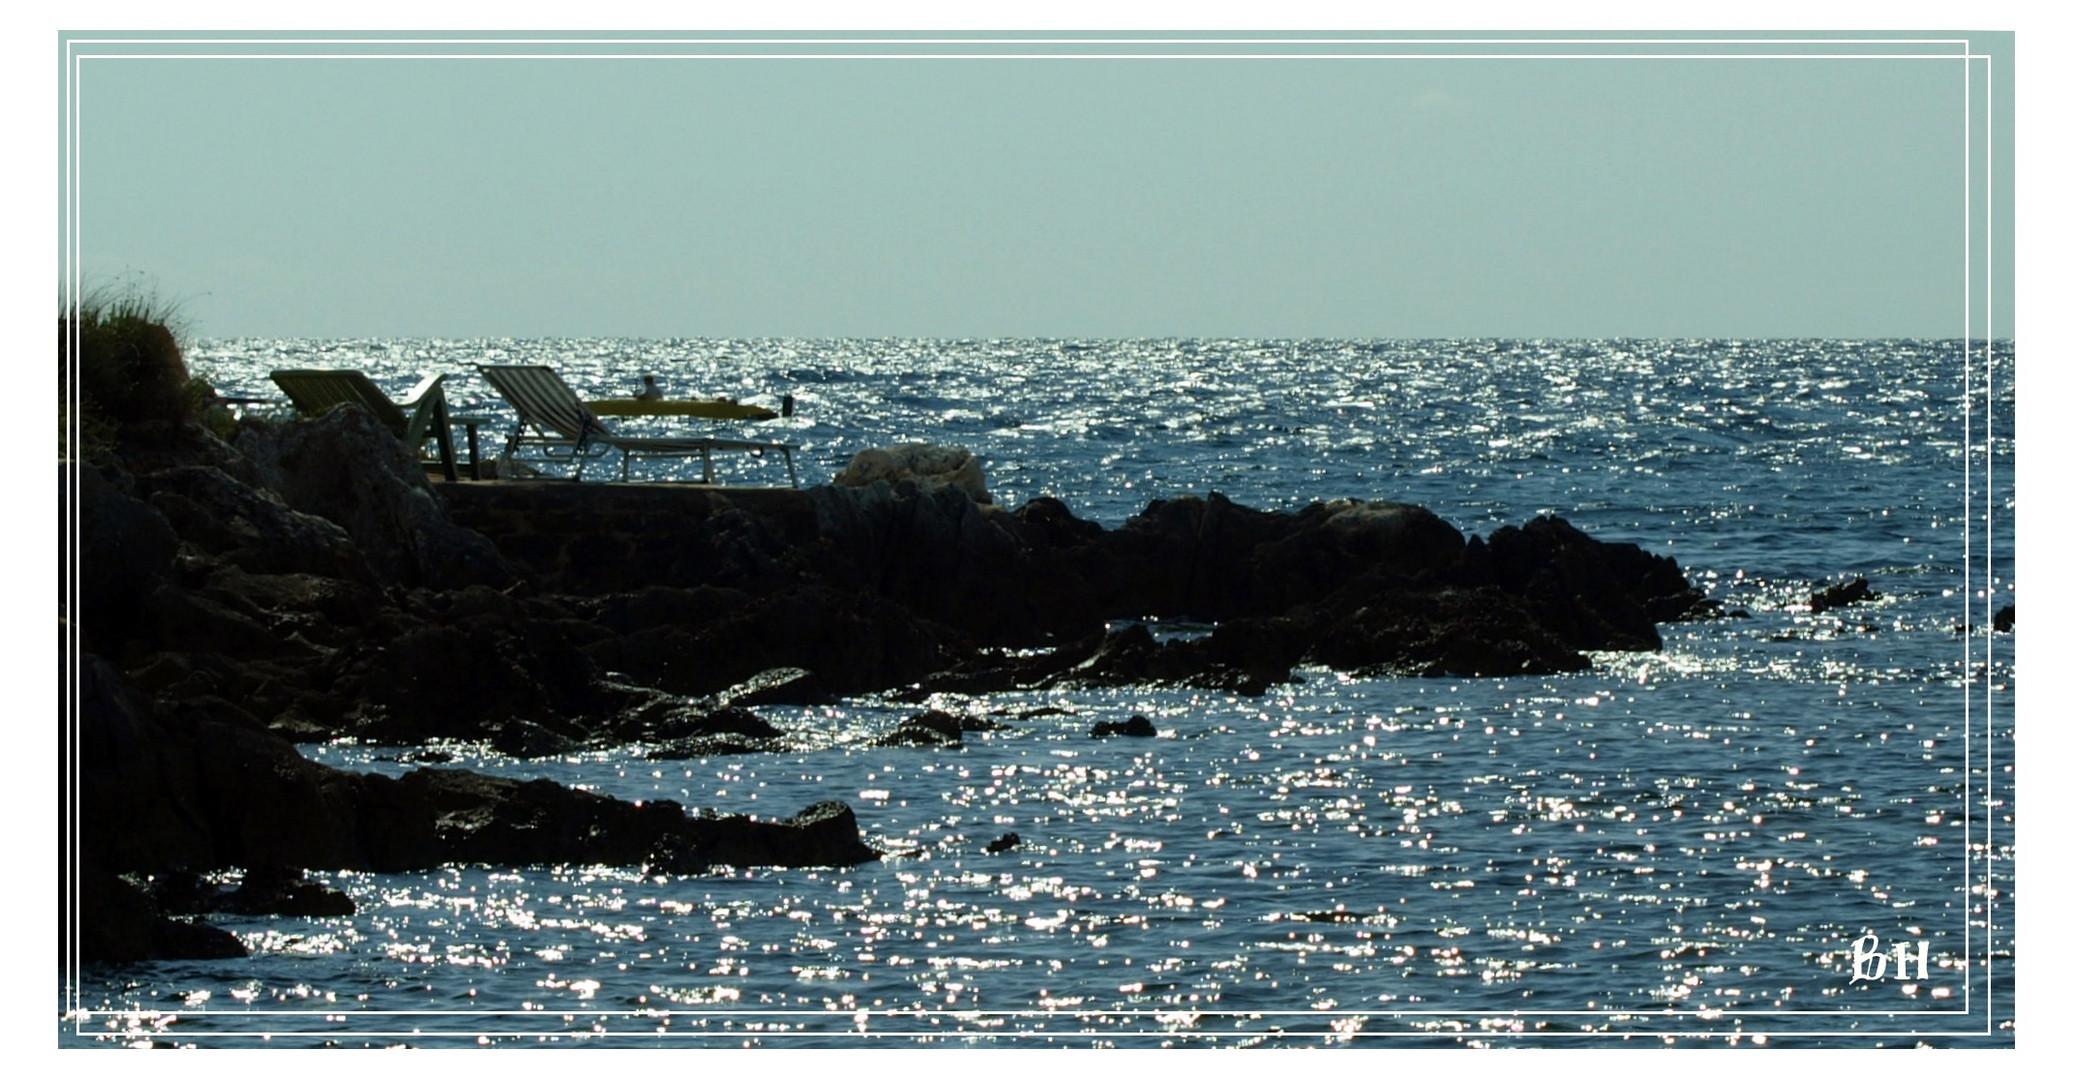 Ruhe am Meer